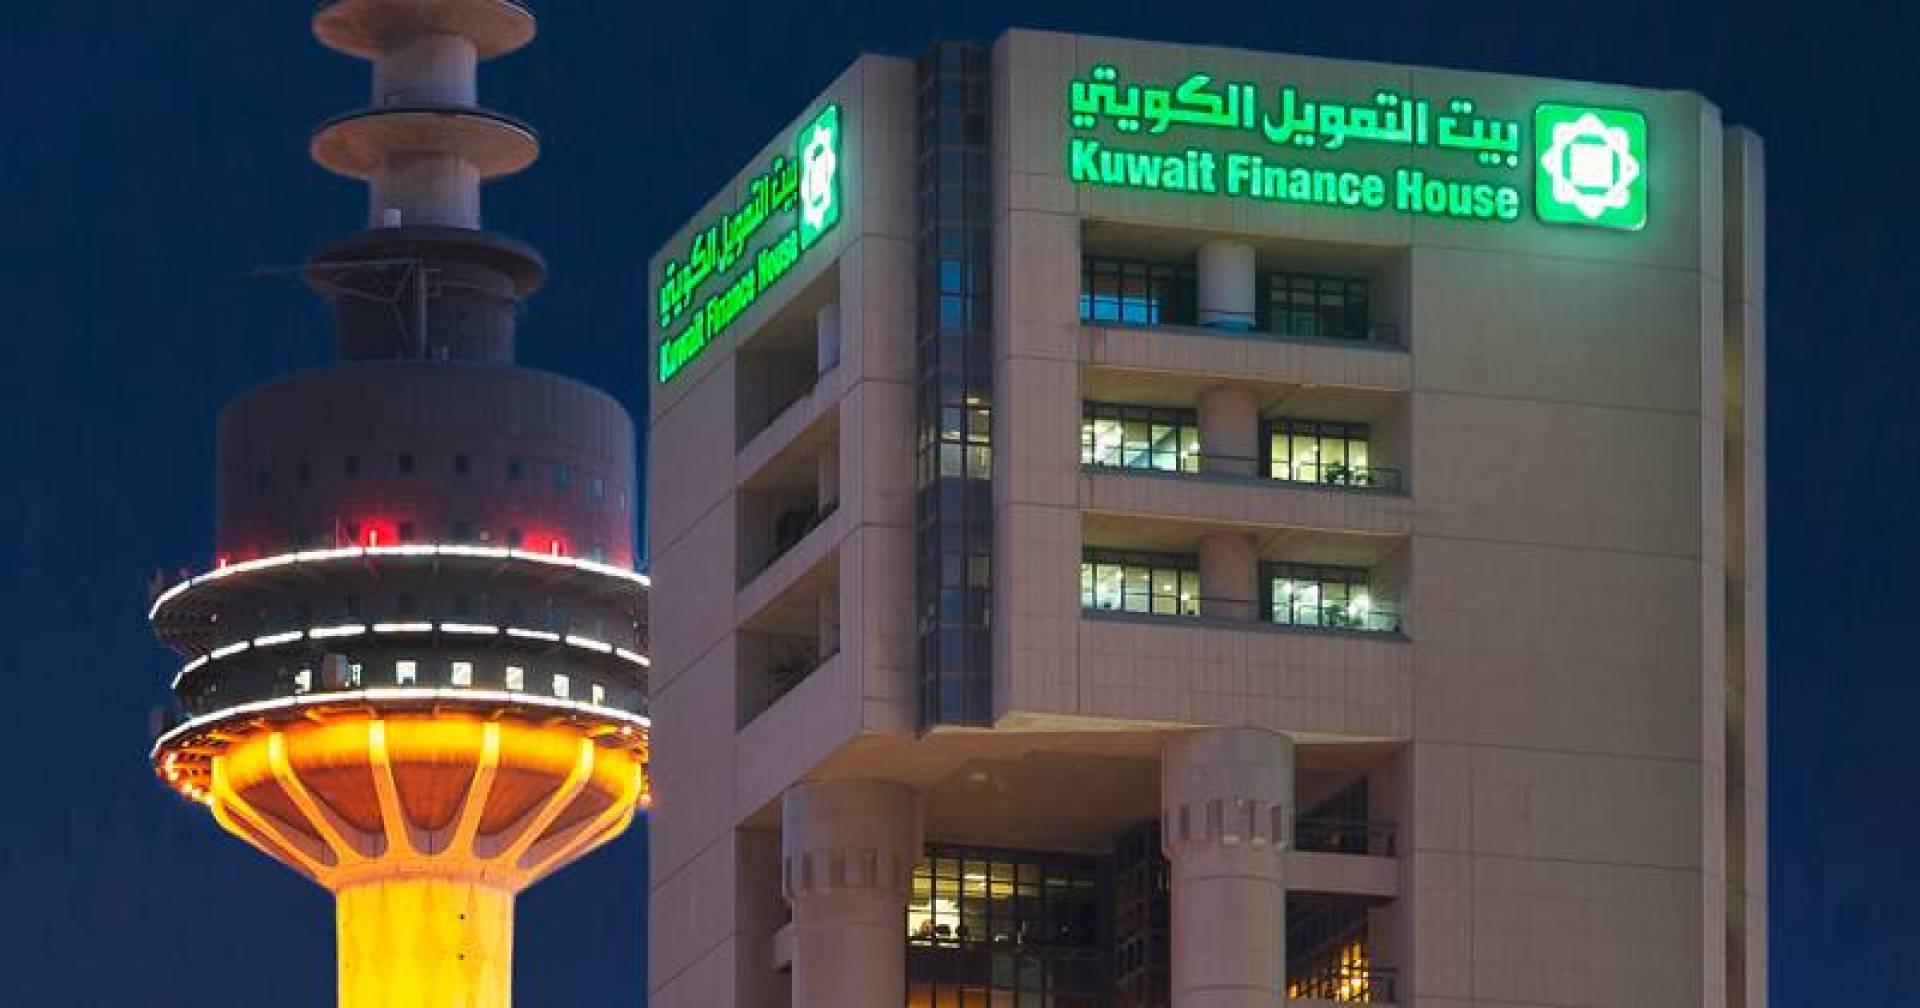 بيت التمويل الكويتي